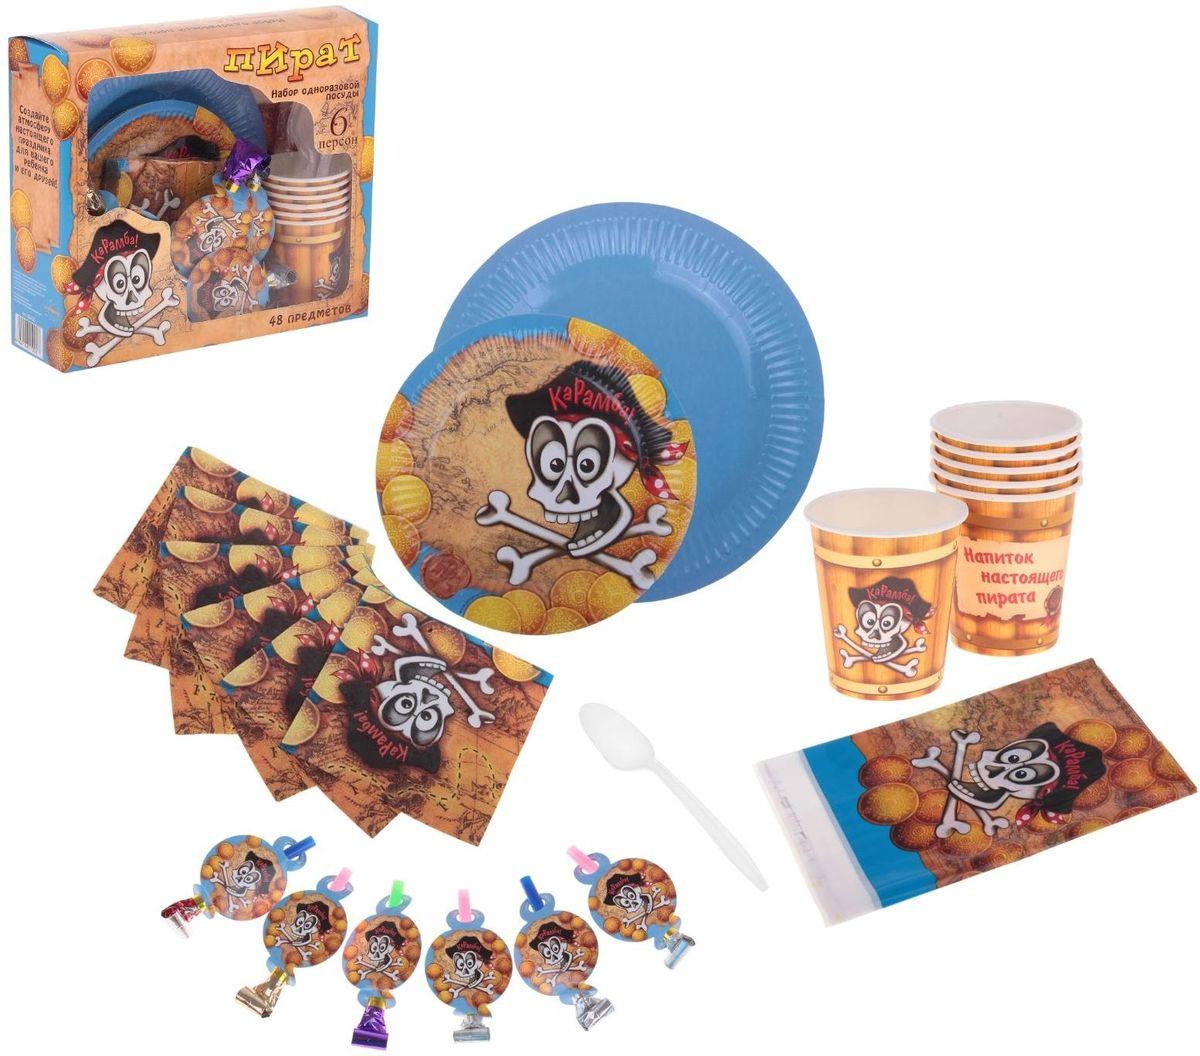 Страна Карнавалия Набор бумажной посуды Пират на 6 персон